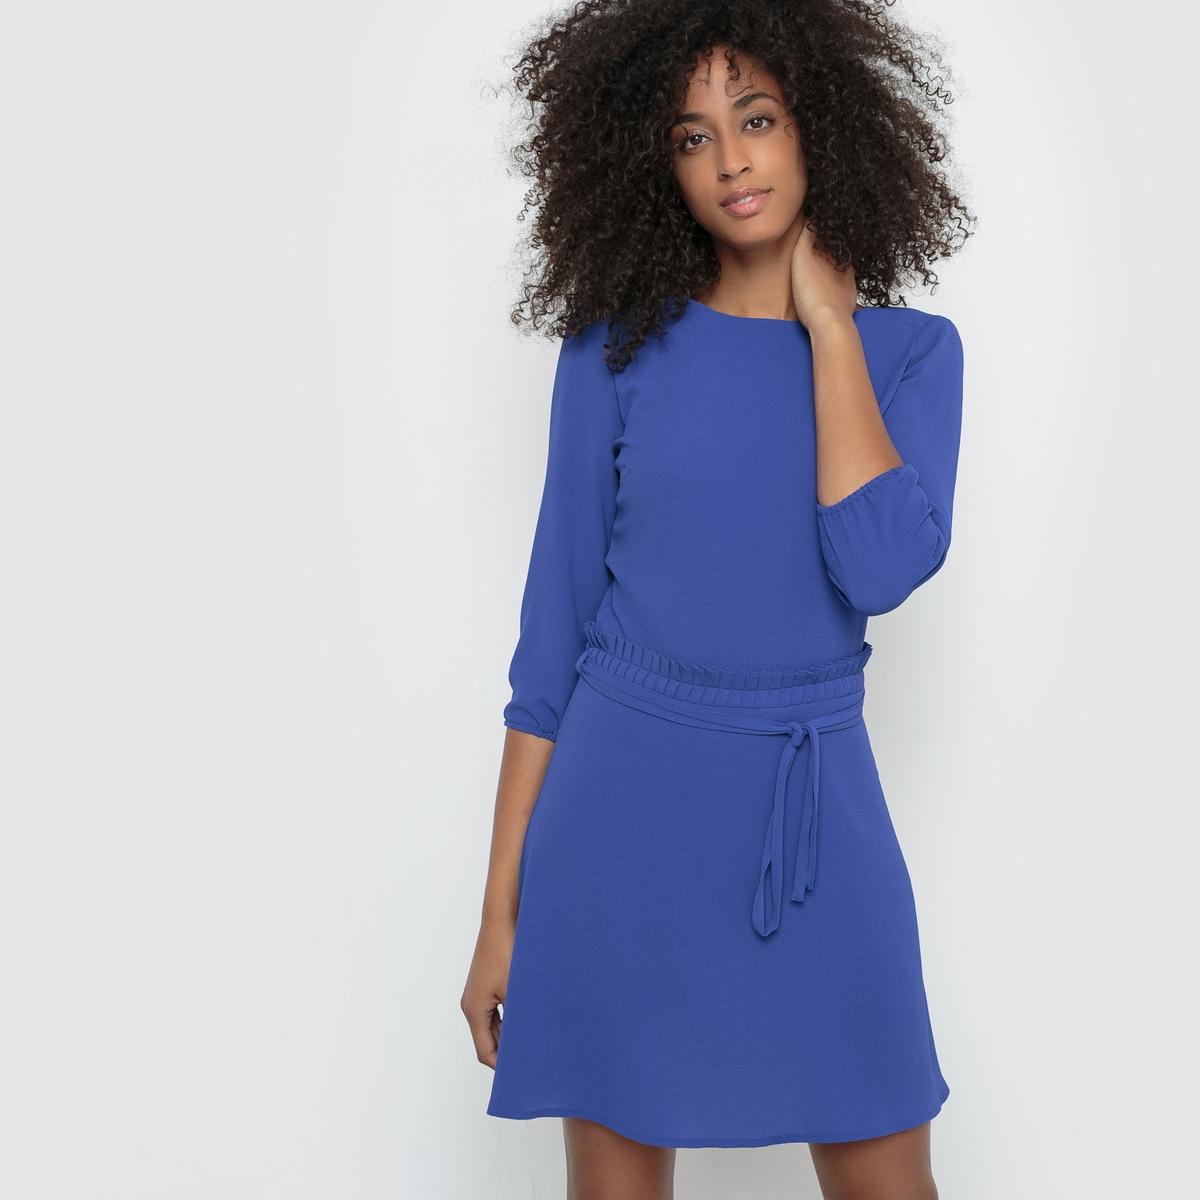 Платье-рубашкаПлатье с рукавами 3/4  R ?dition. Платье-рубашка с рельефным эффектом. Пояс и низ рукавов с завязками. Слегка расширяющийся к низу покрой, вырез сзади. Состав и описание :Материал : 96% полиэстера, 4% эластанаМарка :      R ?ditionДлина : 115 смУходМашинная стирка при 30 °С с вещами схожих цветов Стирать и гладить с изнаночной стороныГладить при умеренной температуре<br><br>Цвет: черный,ярко-синий<br>Размер: 38 (FR) - 44 (RUS)